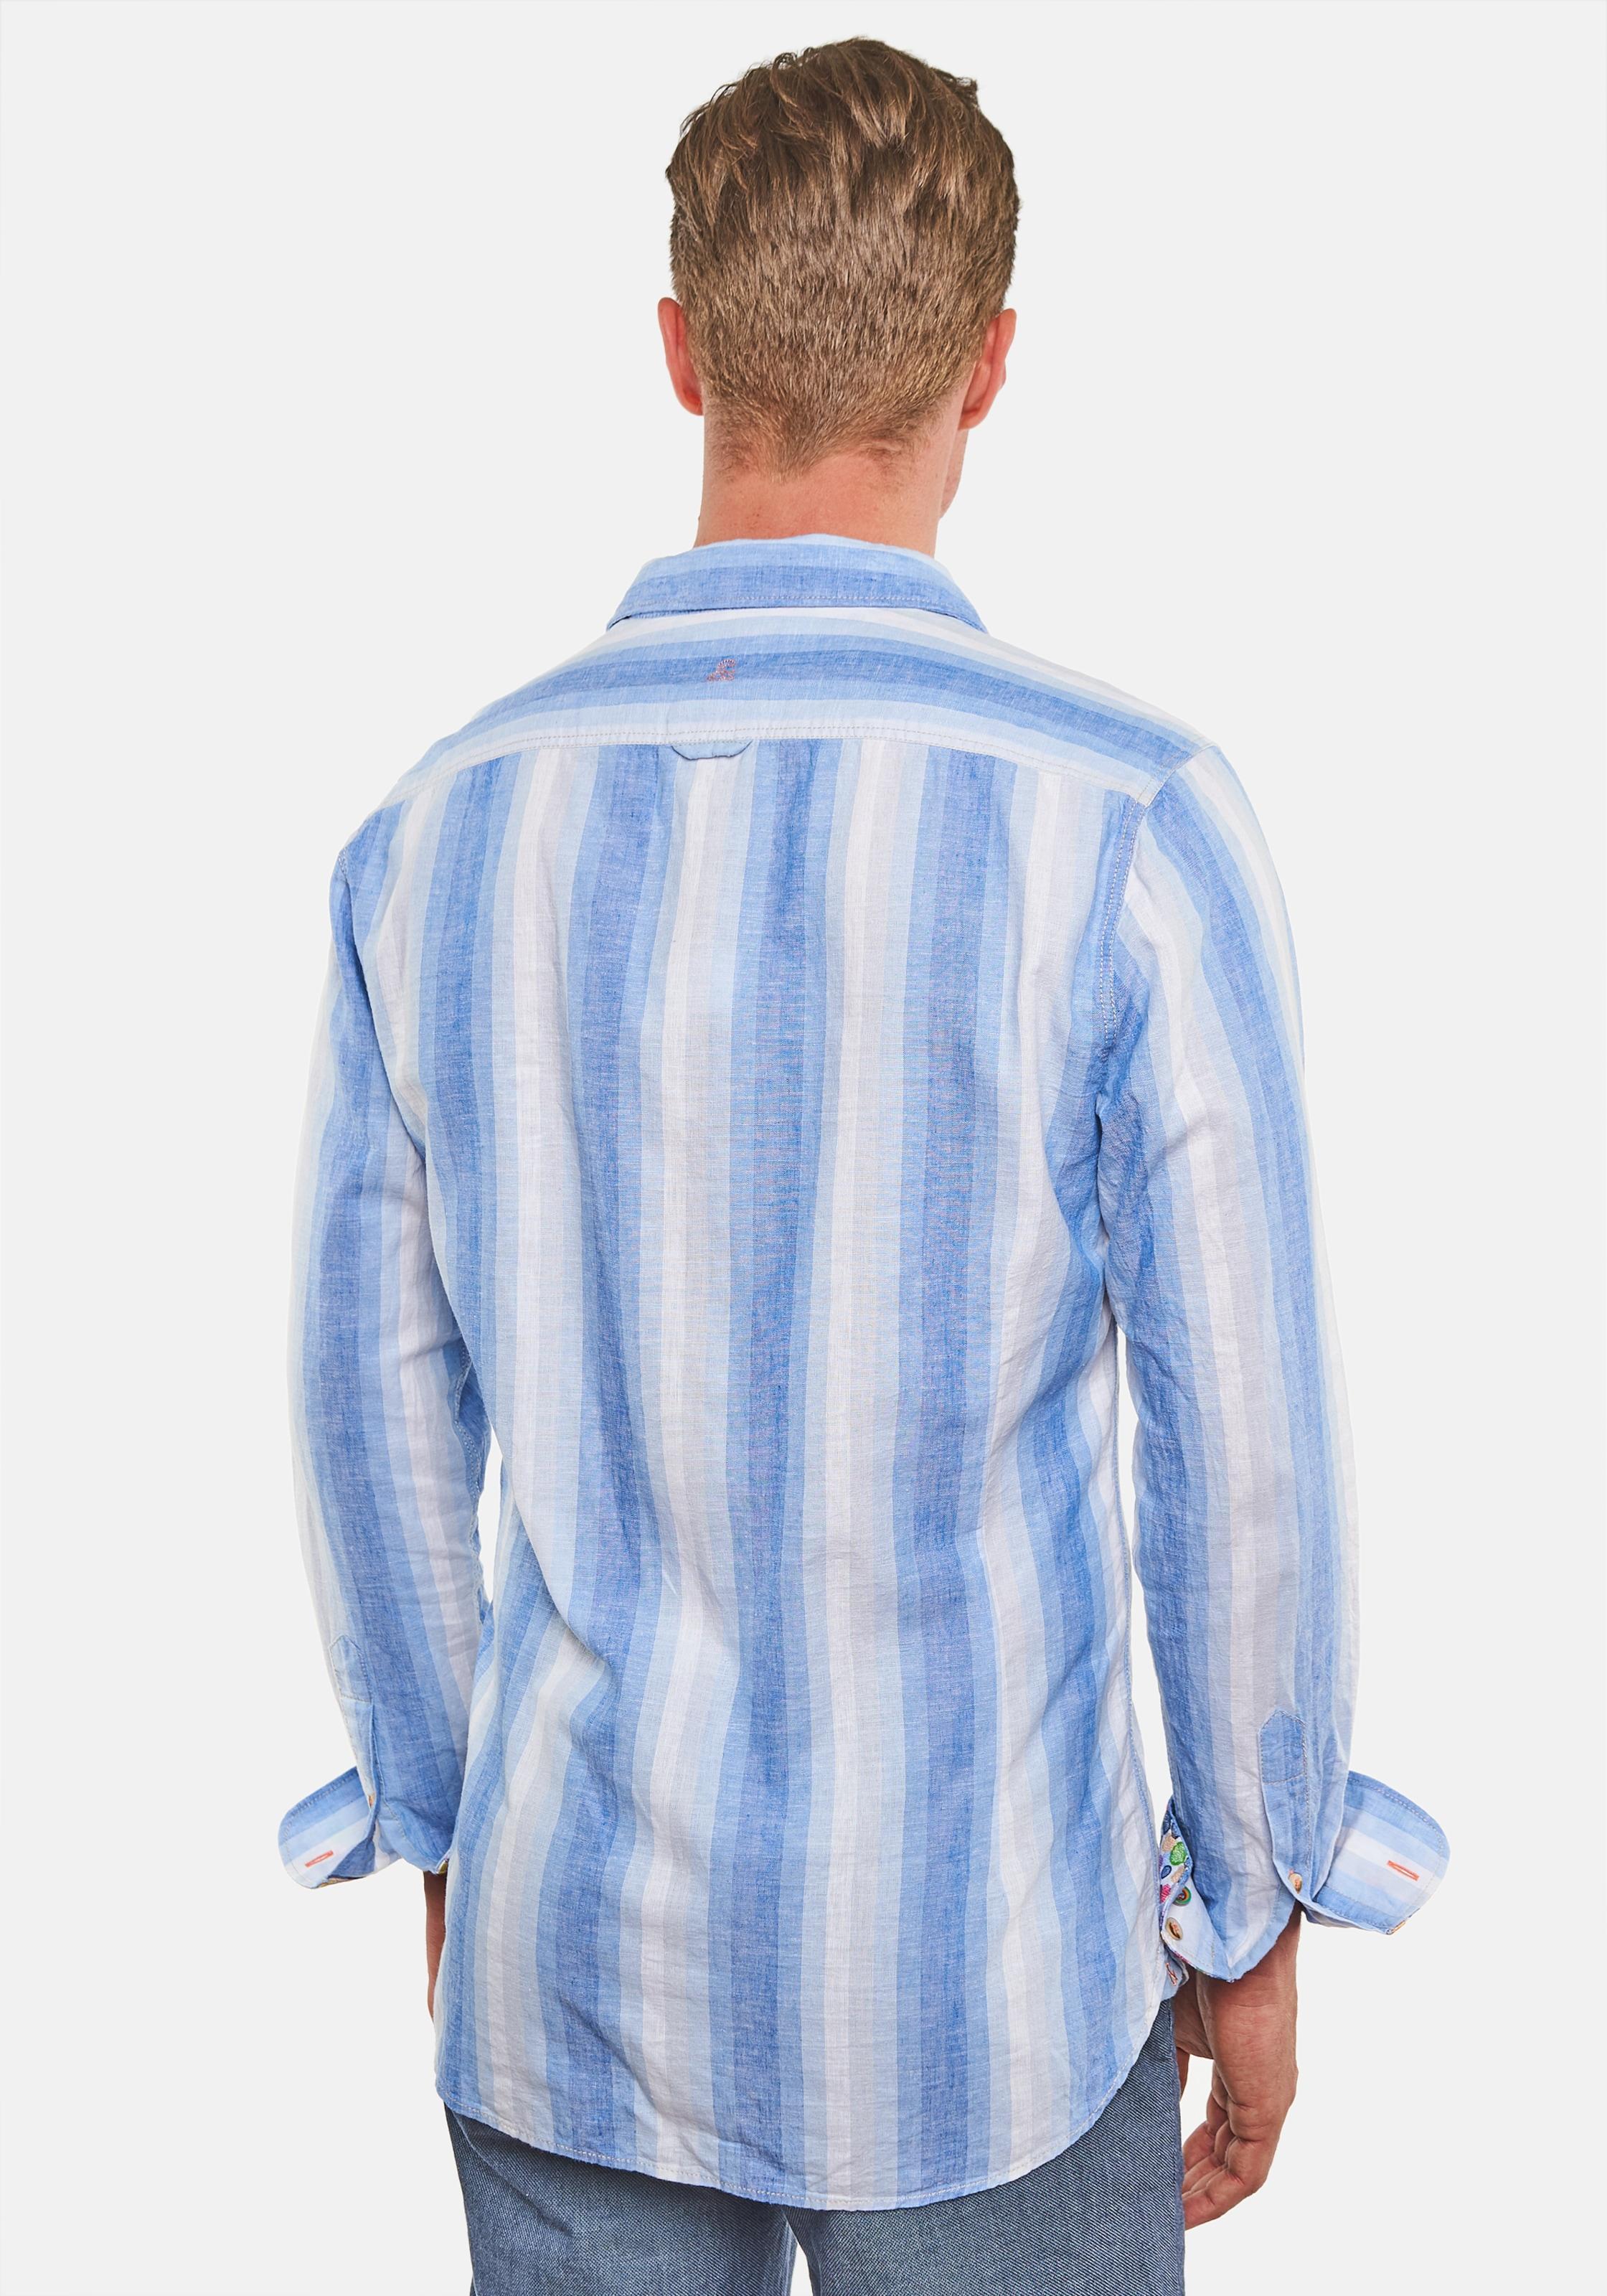 BlauWeiß Sons Coloursamp; In In BlauWeiß Sons Coloursamp; Sons Coloursamp; Hemd Hemd H9ED2WI